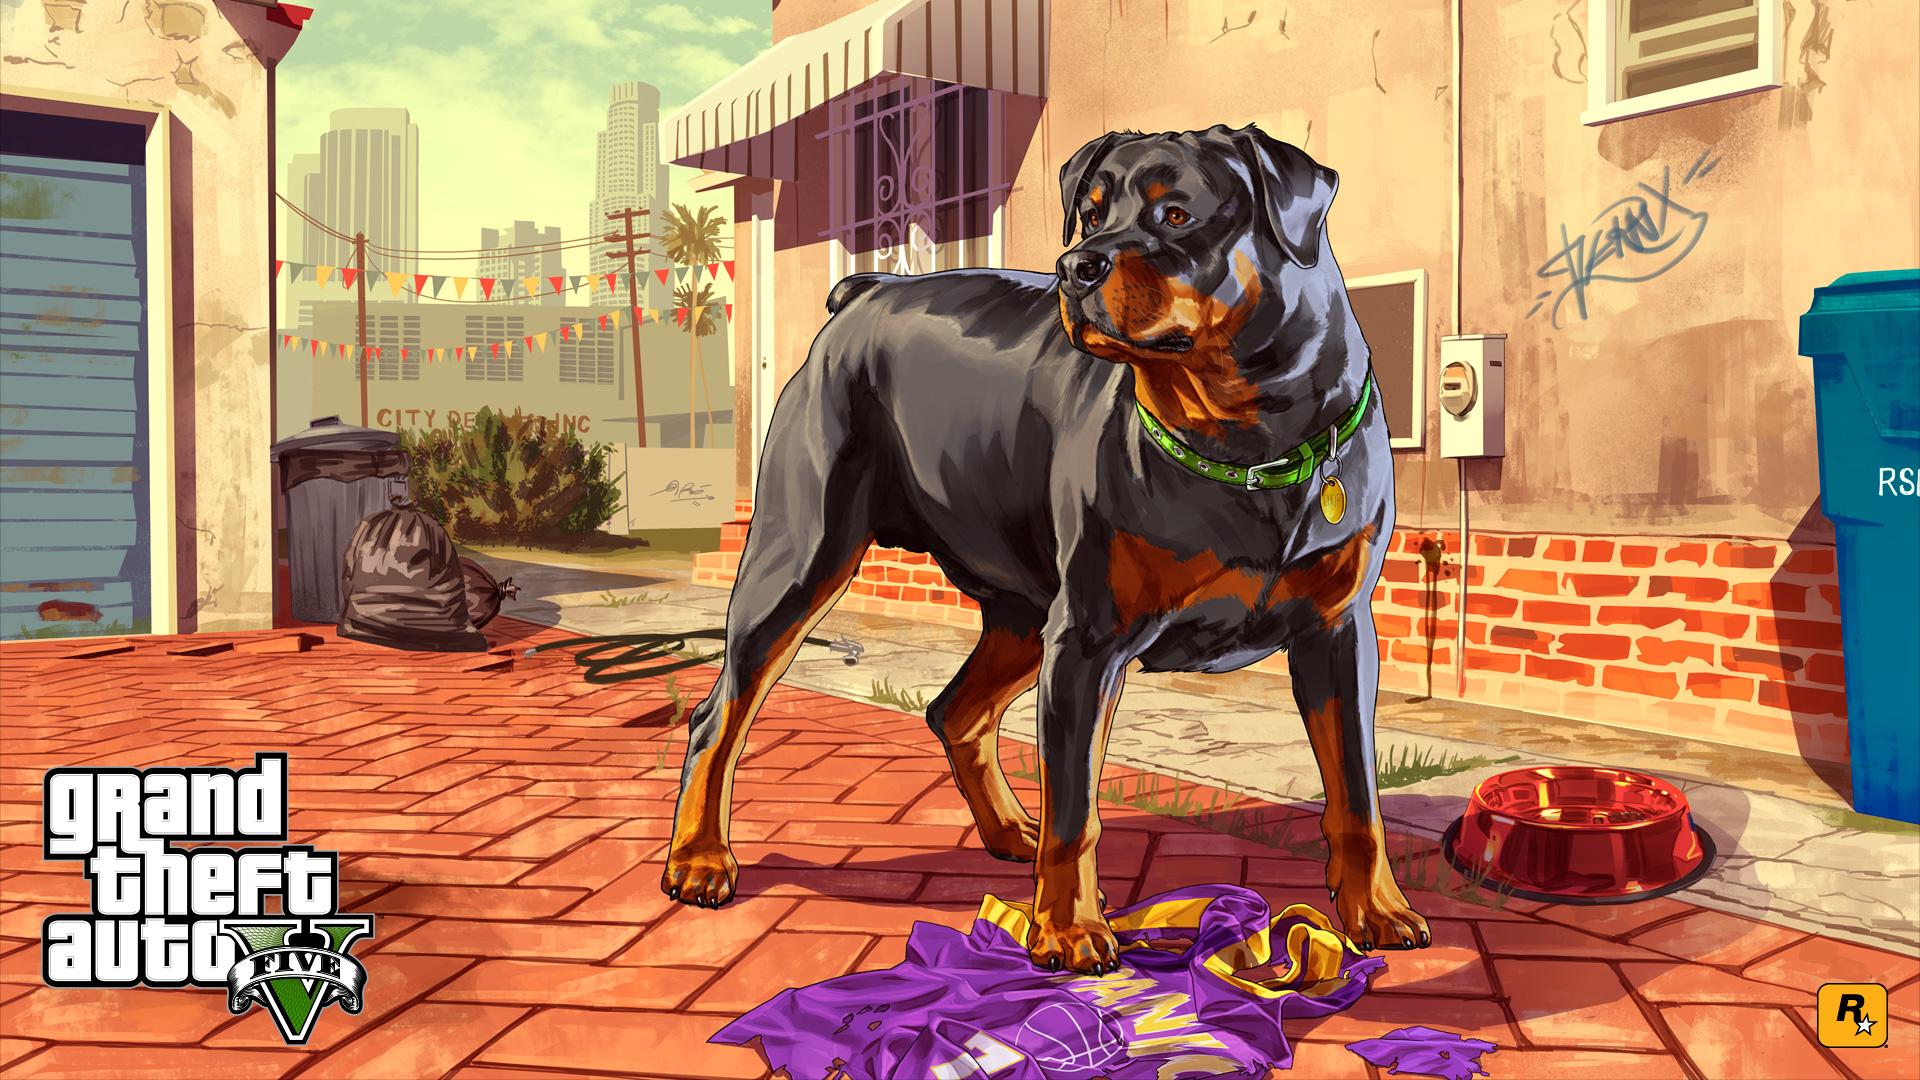 كيف يمكنك التحول لطائر أو كلب فى لعبة GTA V